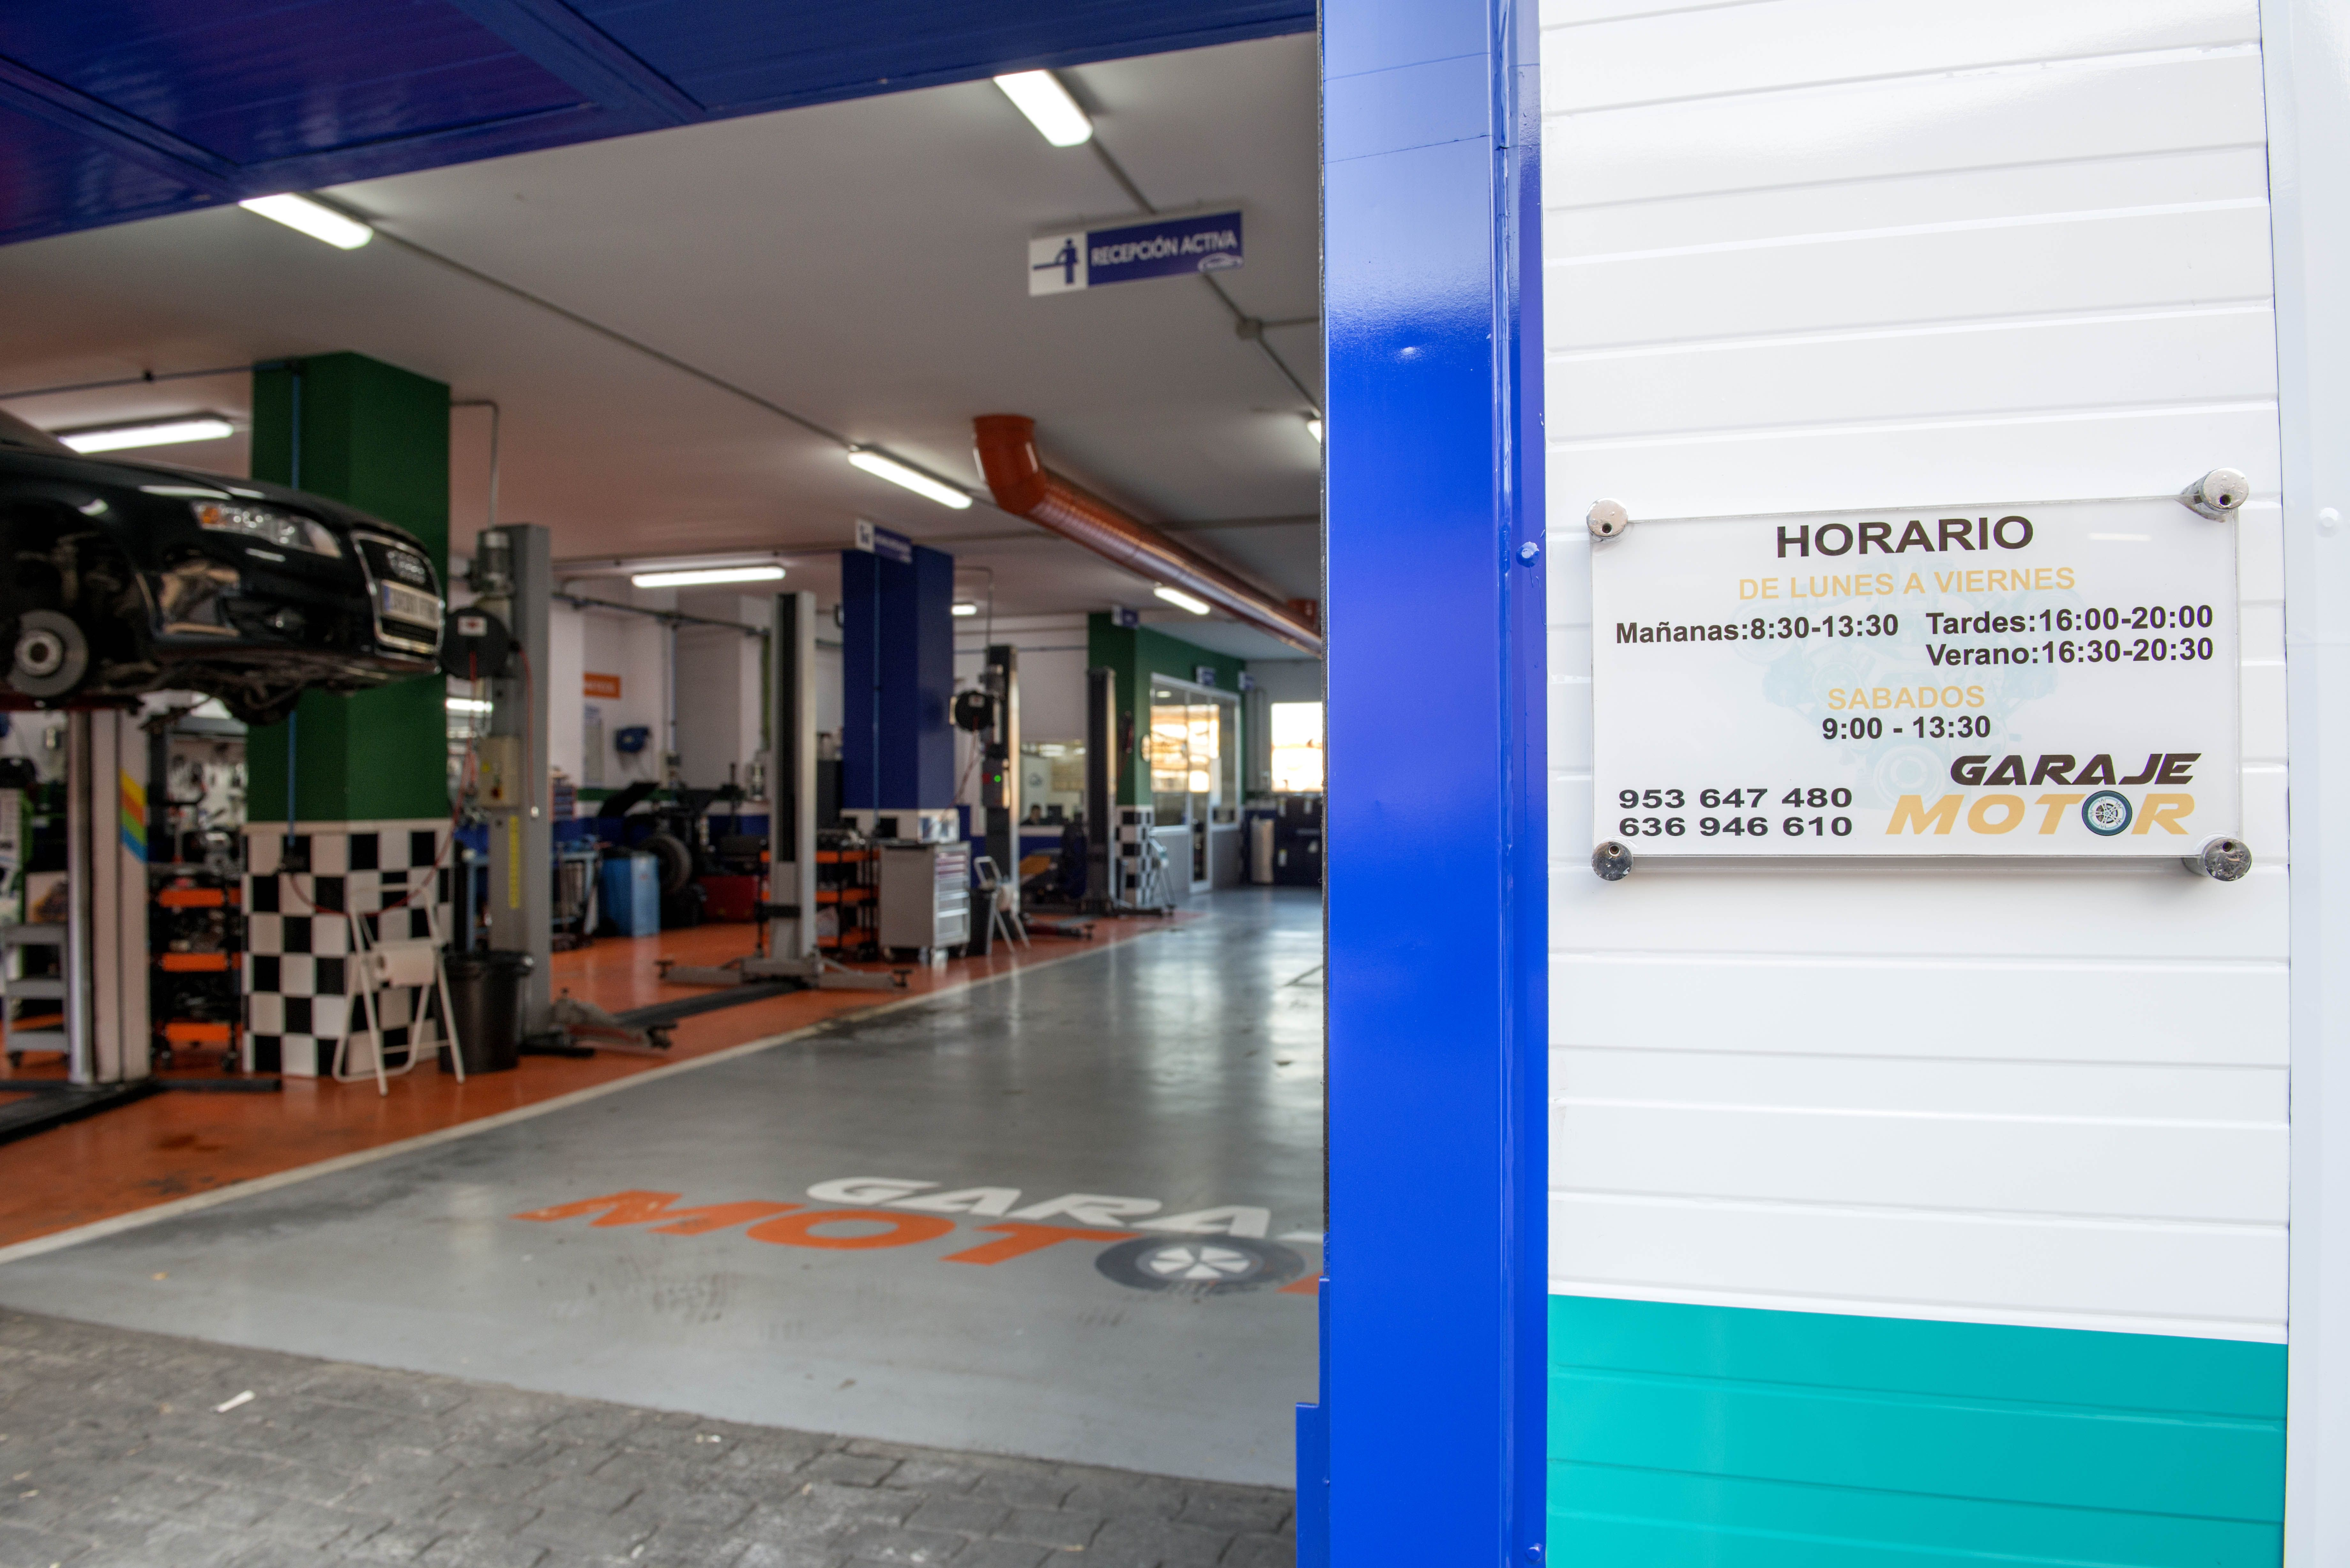 Foto 2 de Taller mecánico en Linares | Garaje Motor Linares